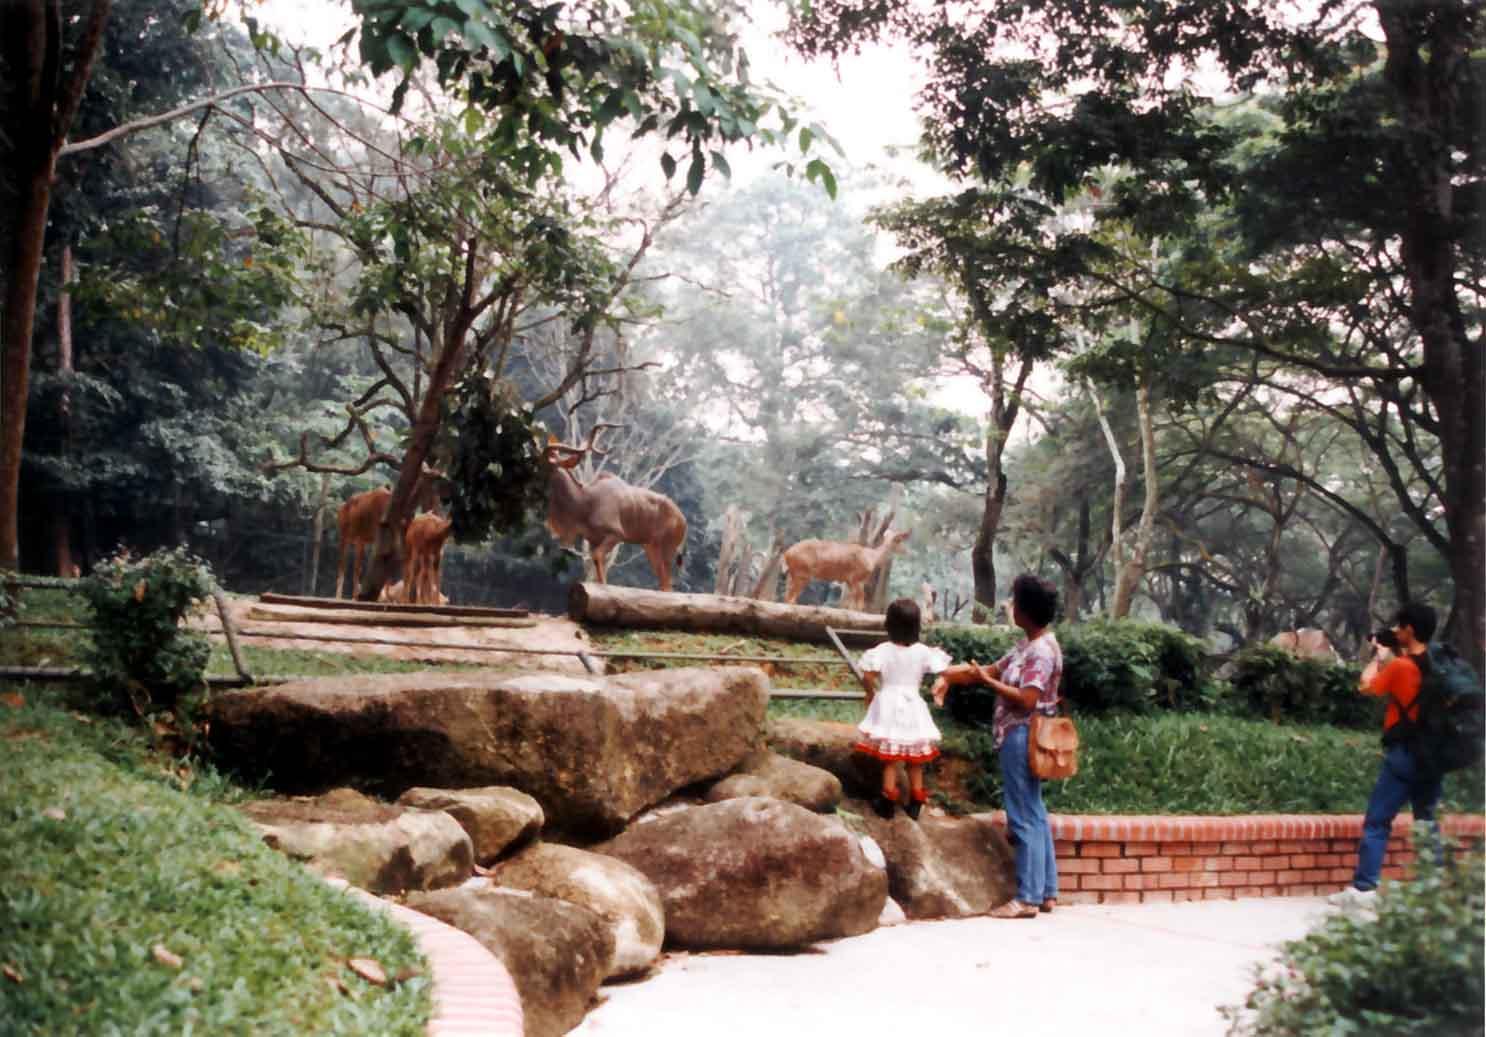 Dissertation On Zoo Design Exhibitry